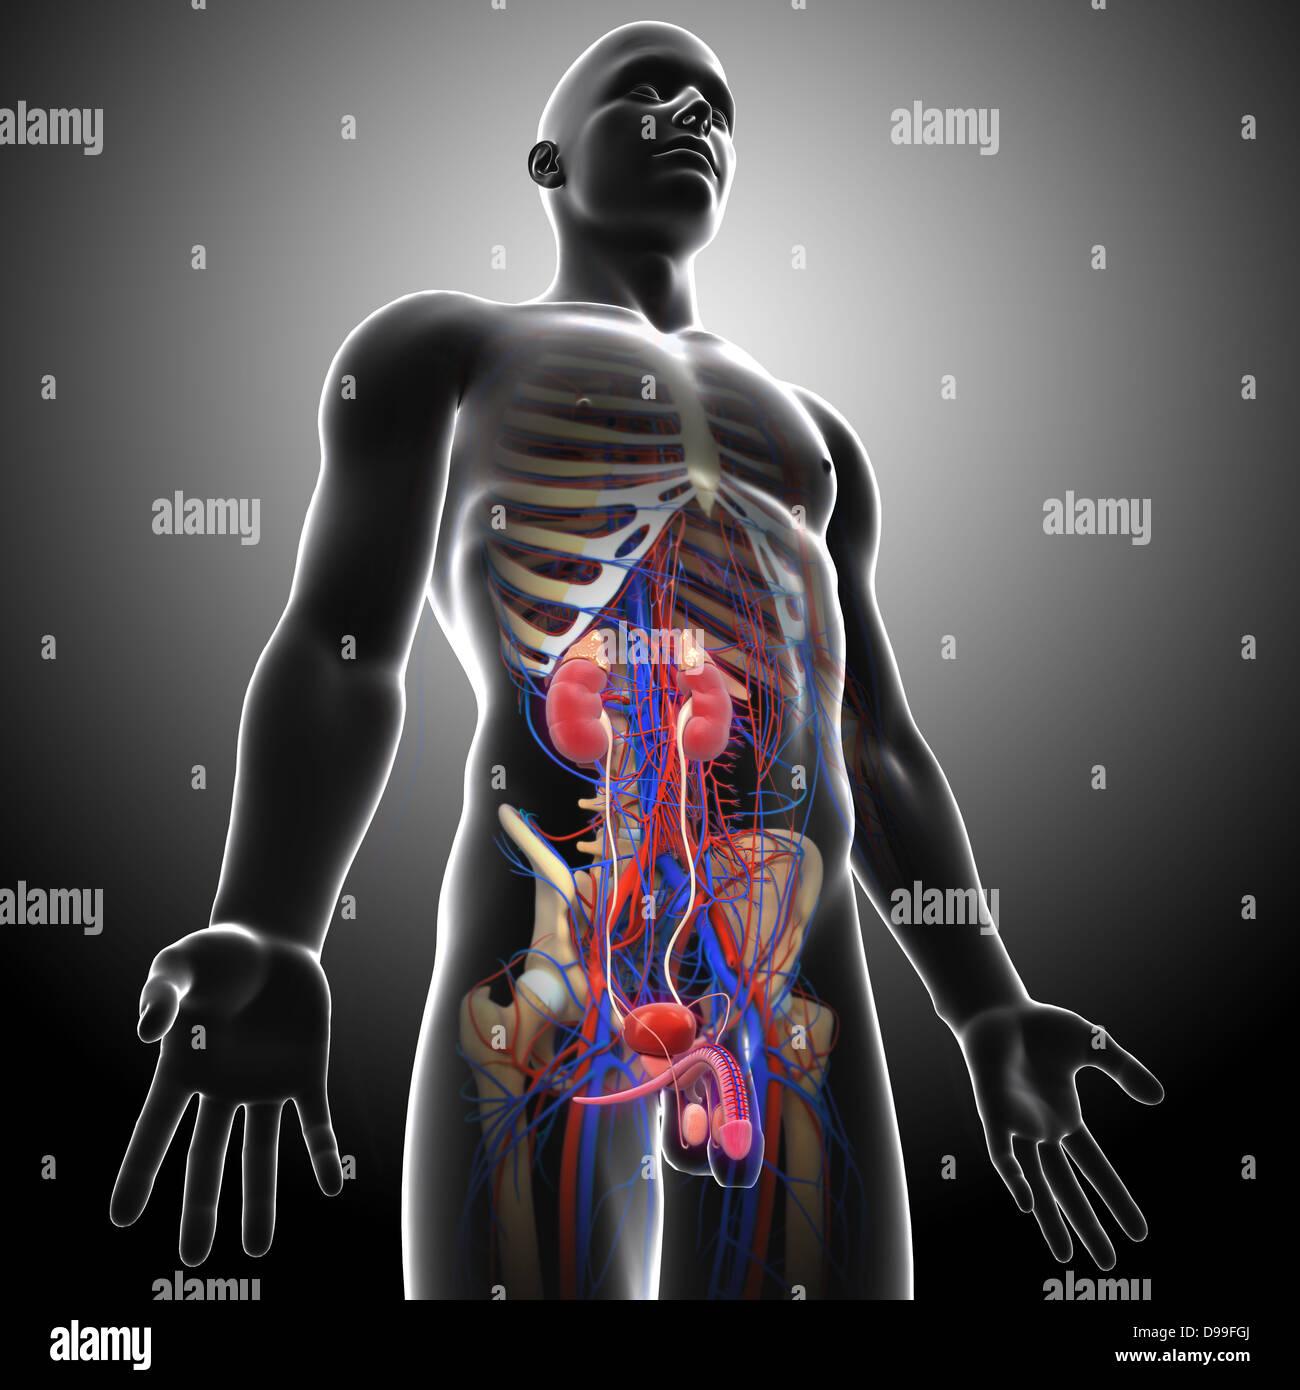 Großzügig Harn Anatomie Fotos - Anatomie Und Physiologie Knochen ...